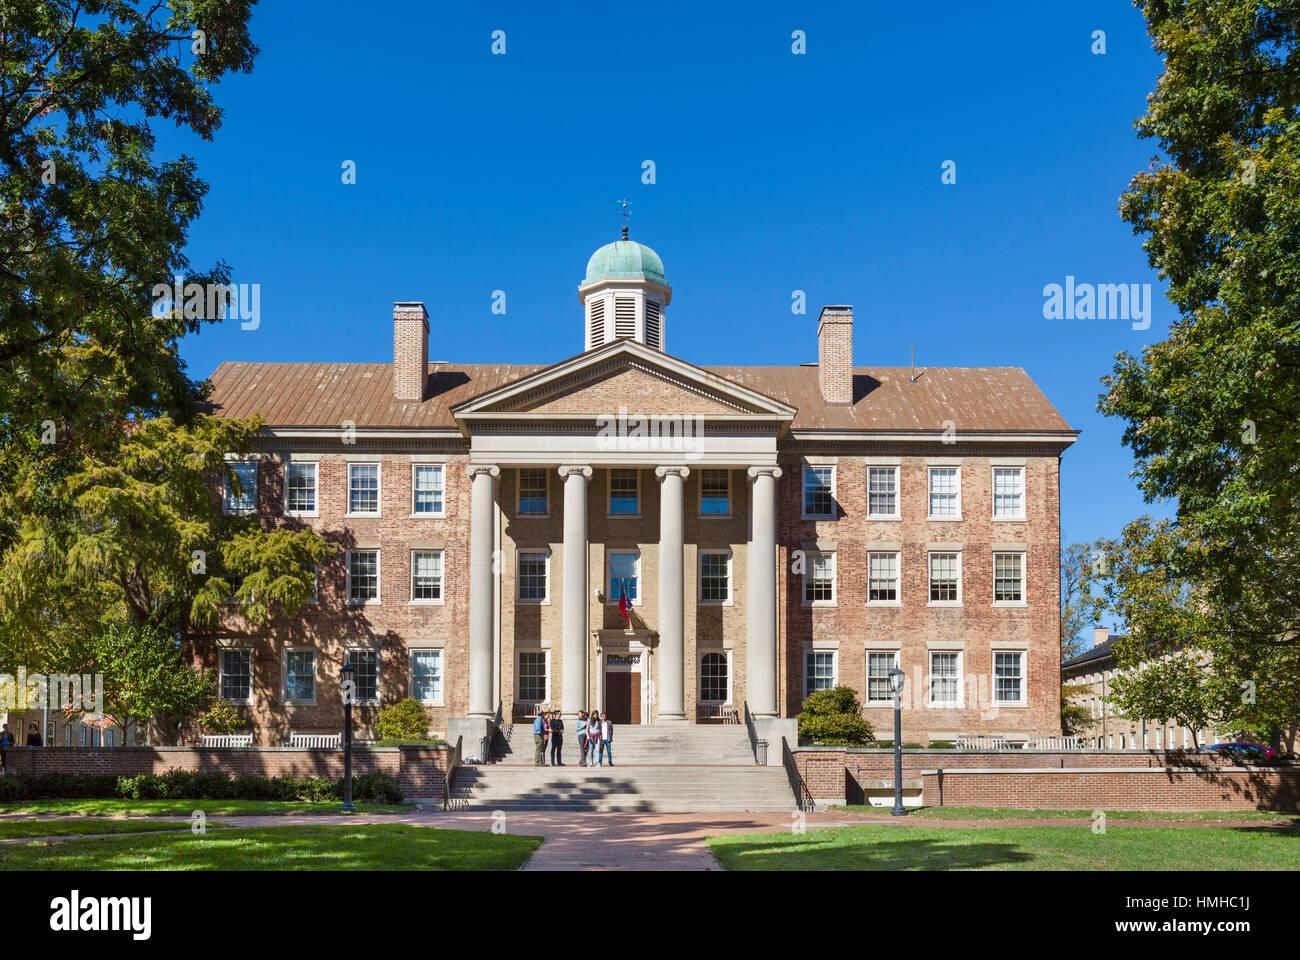 The South Building at the University of North Carolina at Chapel Hill, North Carolina, USA - Stock Image